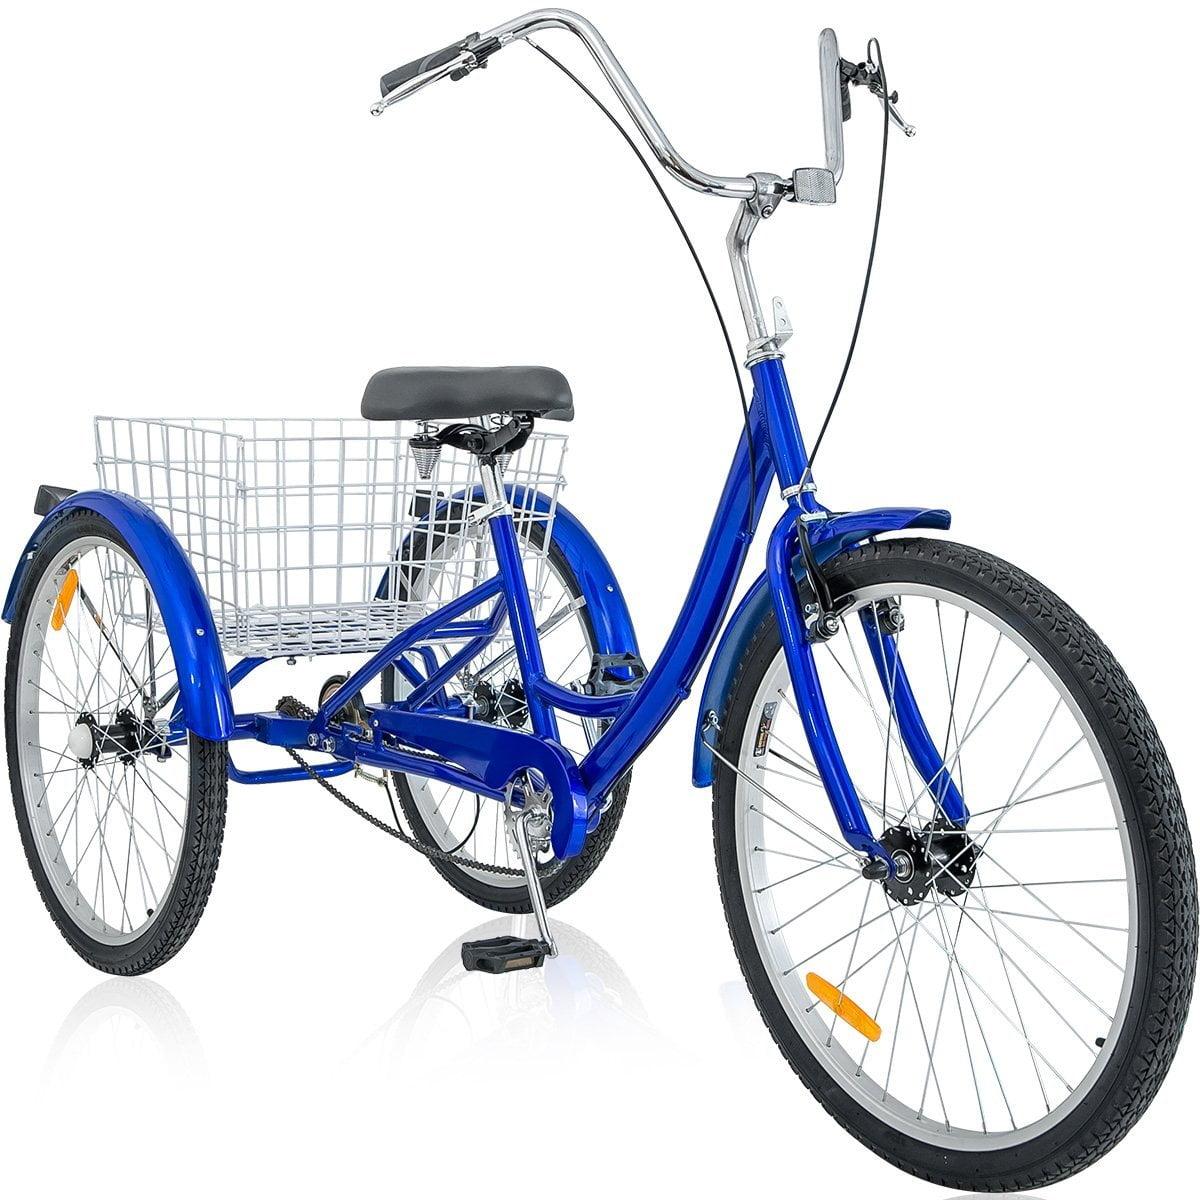 """Merax 26"""" 3 Wheel Bike Adult Tricycle Trike Cruise Bike, Multiple Colors by Merax"""